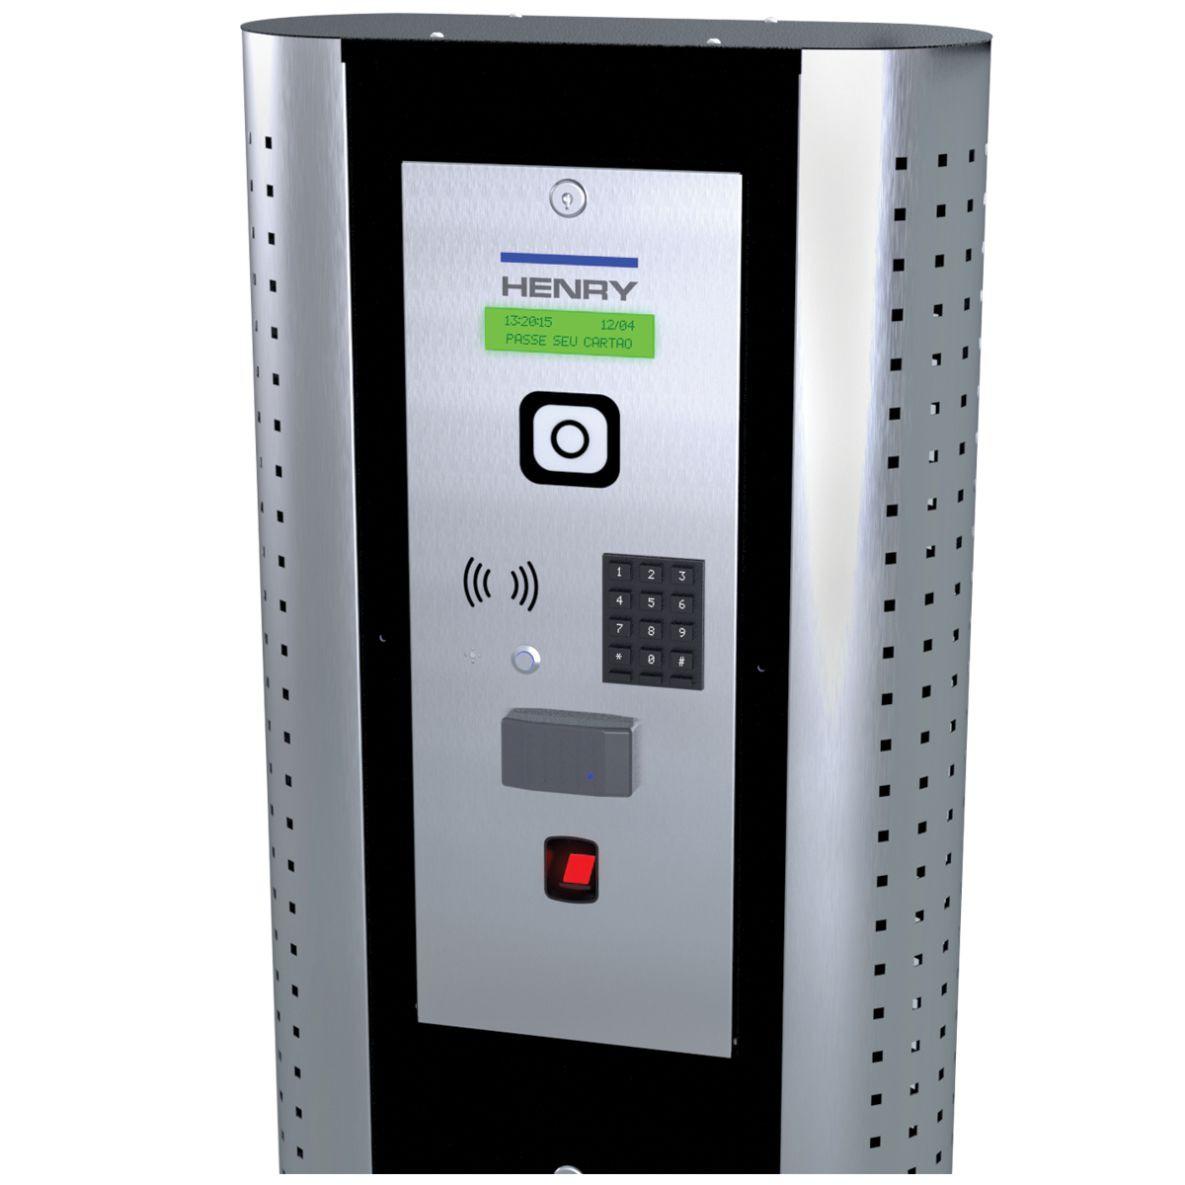 Totem Controlador Acesso Lumen Fluxo Biométrico Proximidade